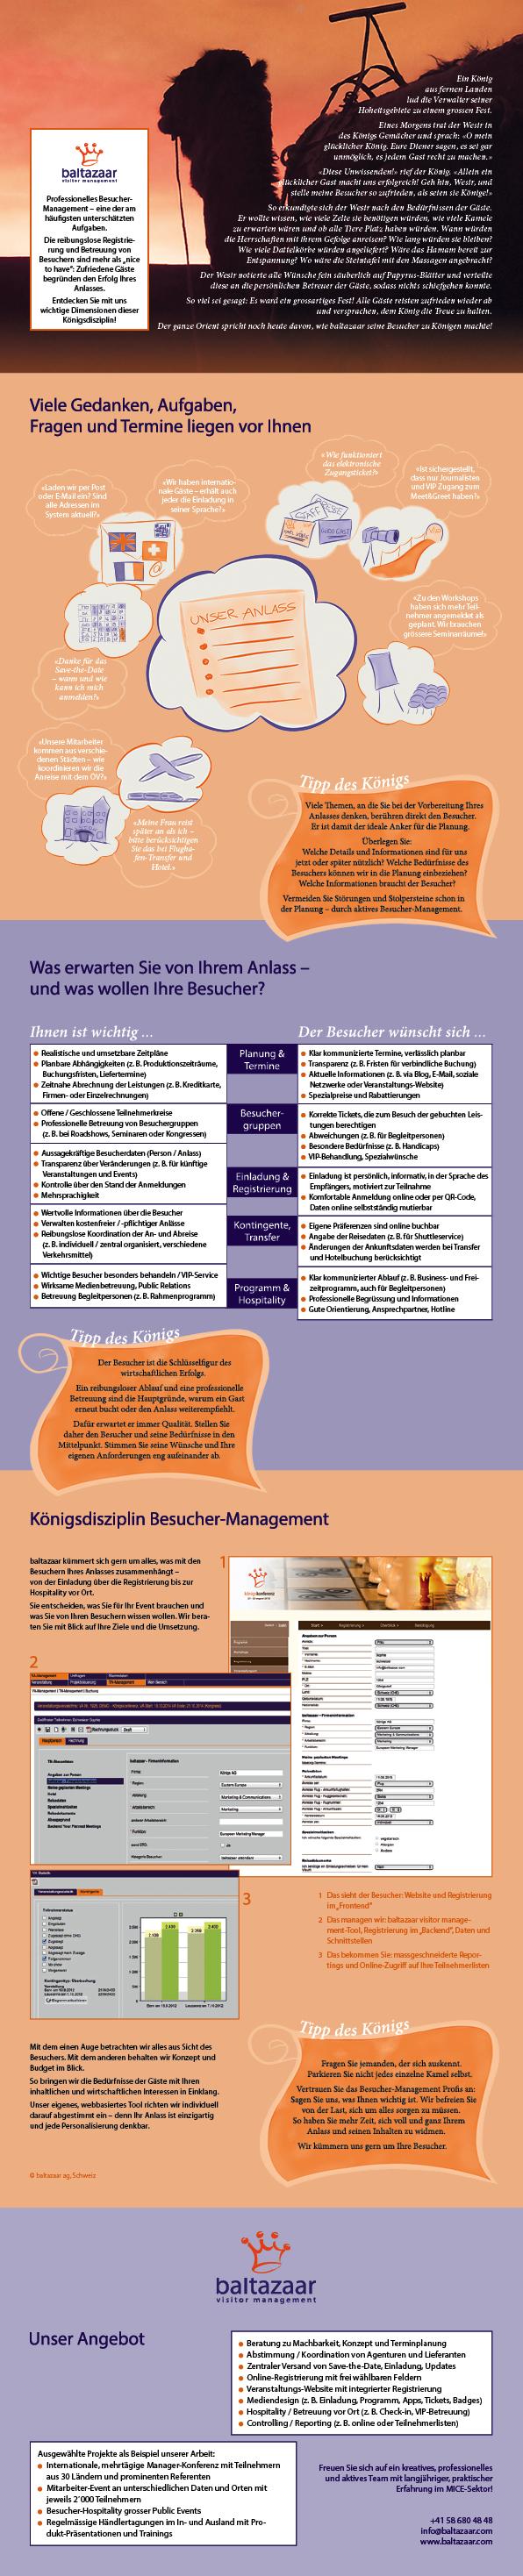 baltazaar visitor management - Die Geschichte des Königs (PDF laden)